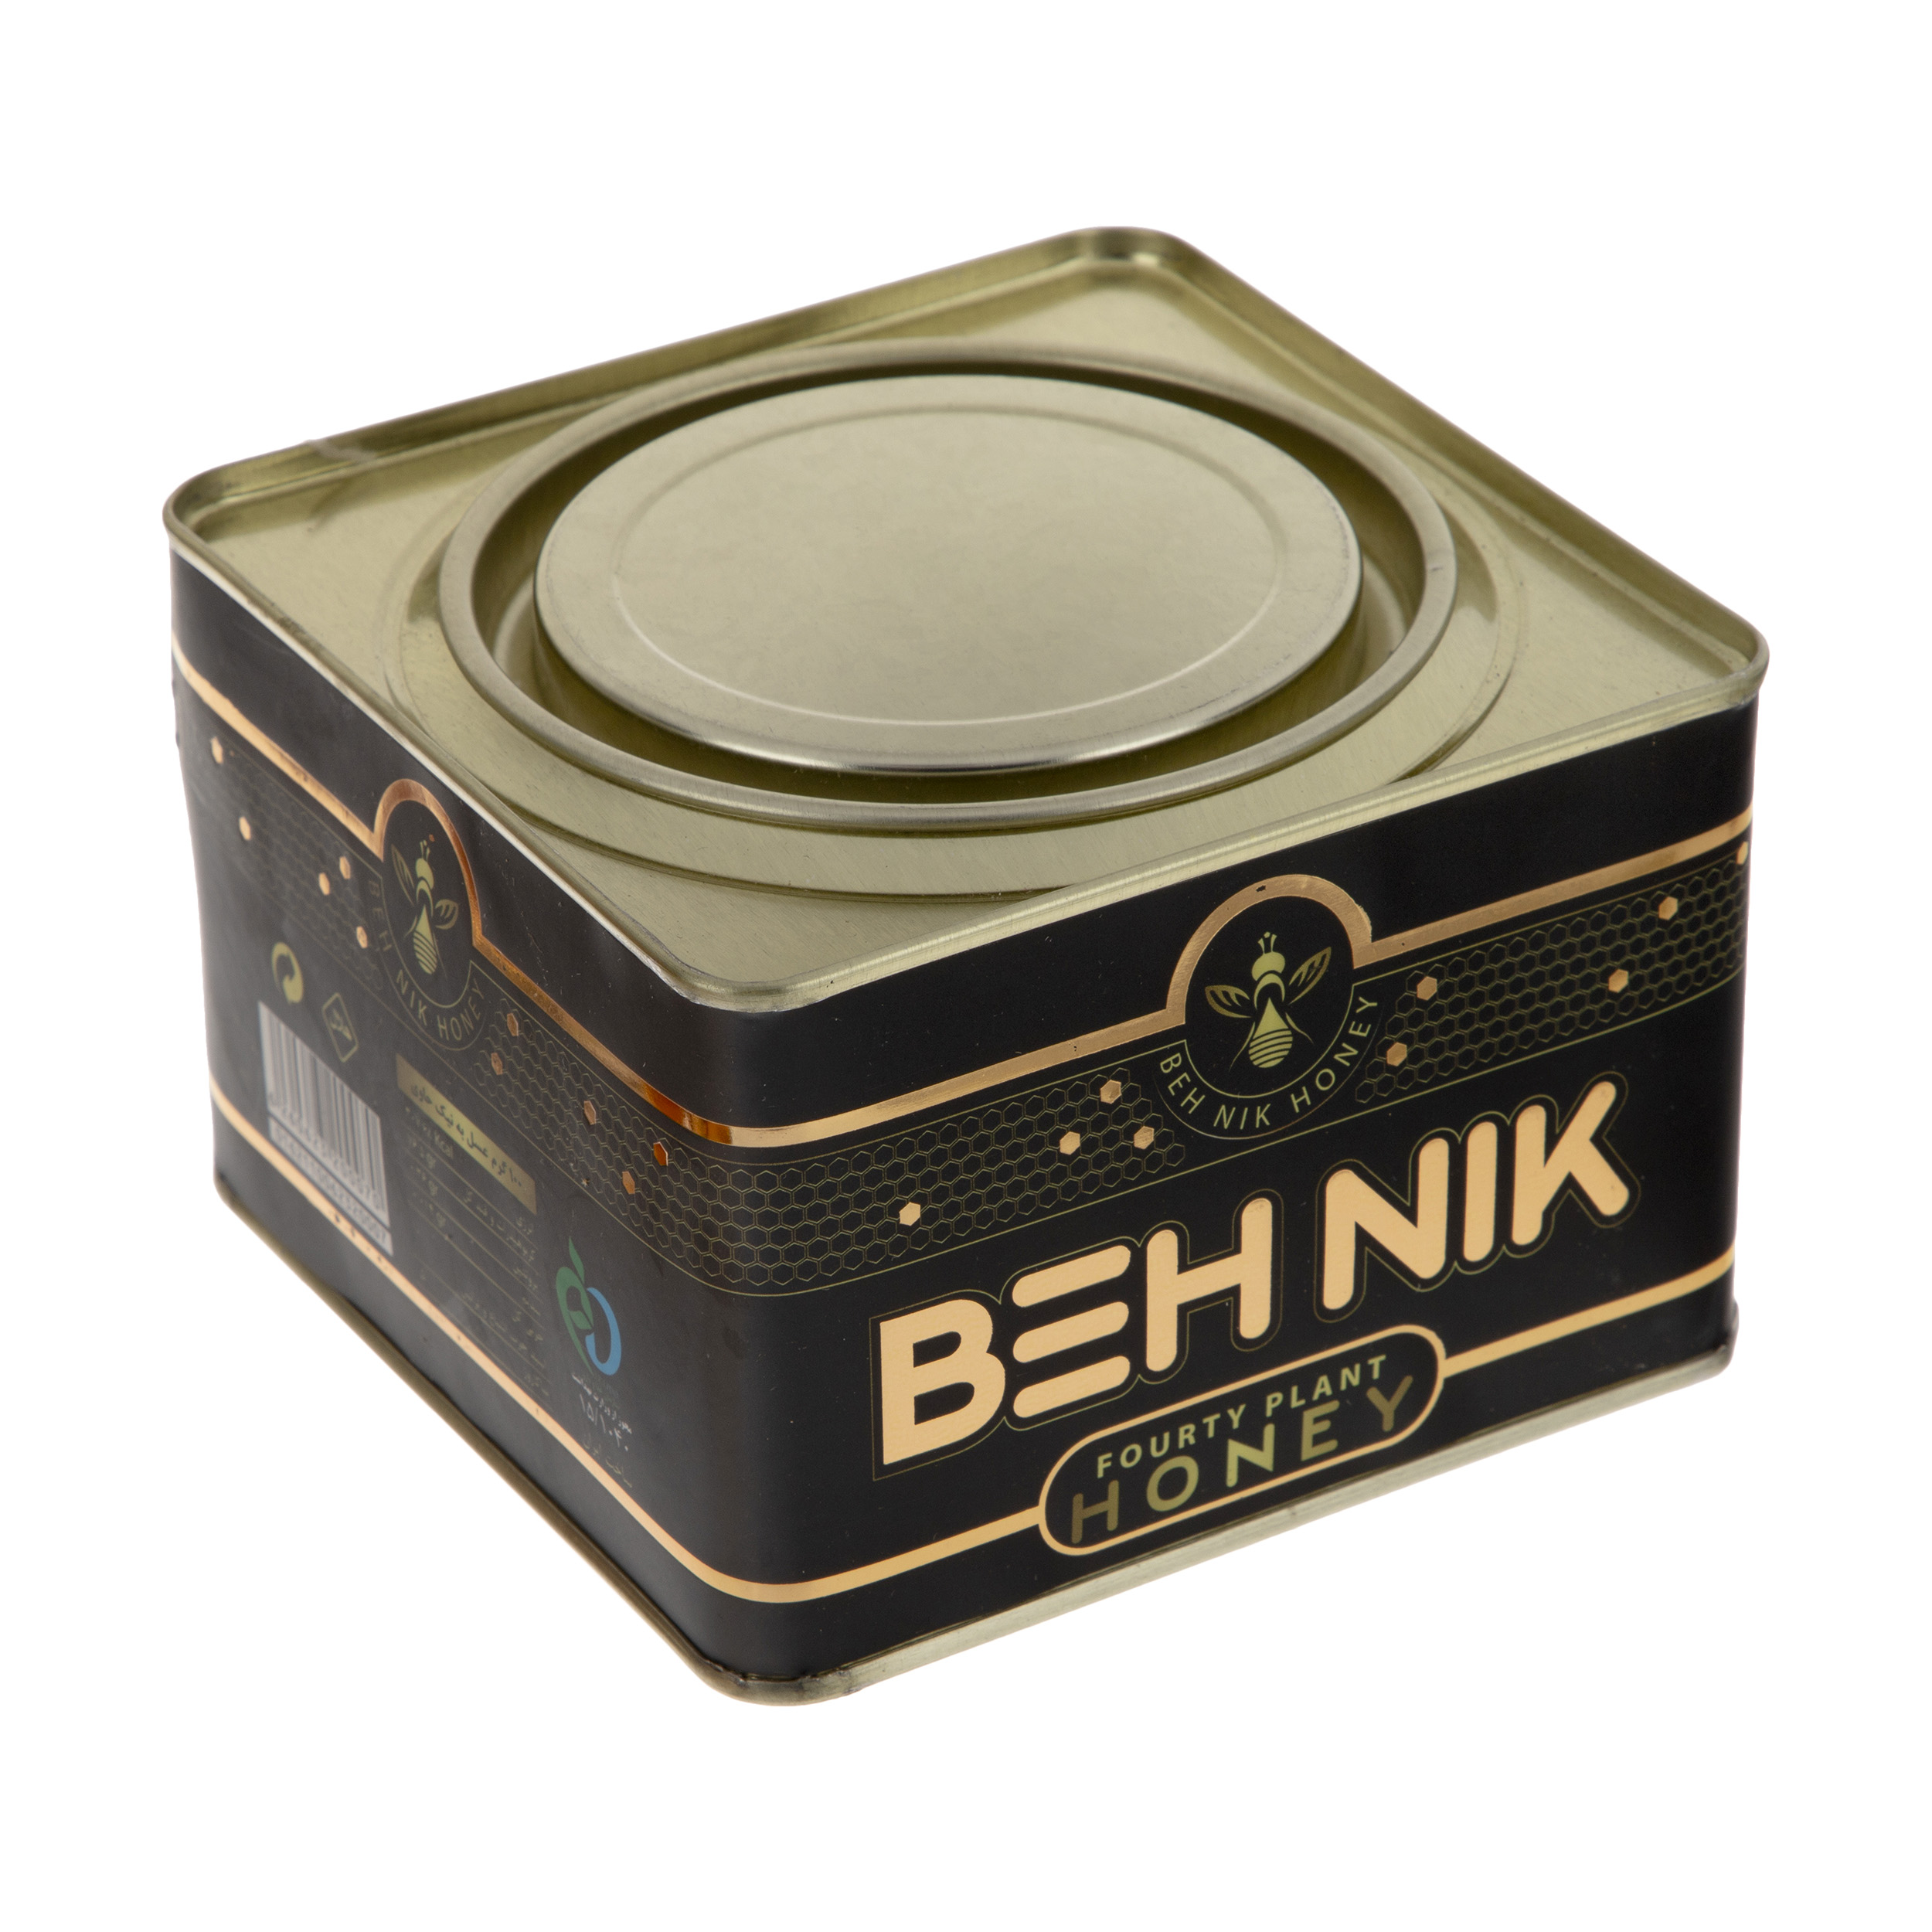 عسل به نیک - 1 کیلوگرم